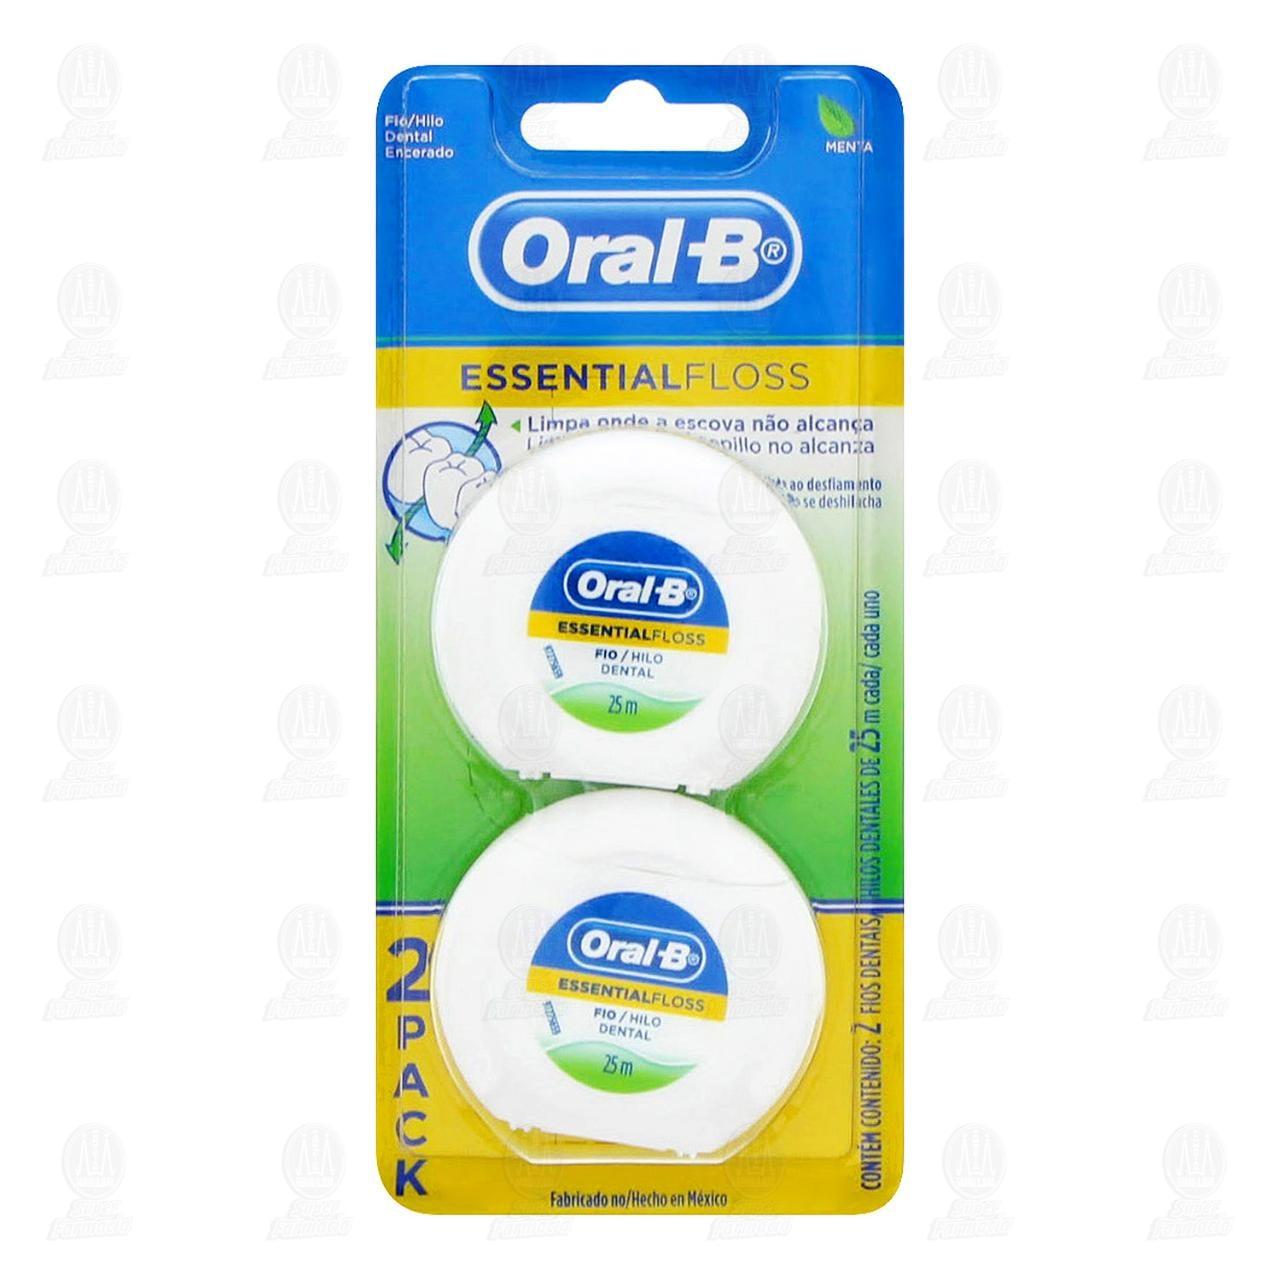 Comprar Hilo Dental Oral-B Essential Floss Encerado, 2 pzas. en Farmacias Guadalajara